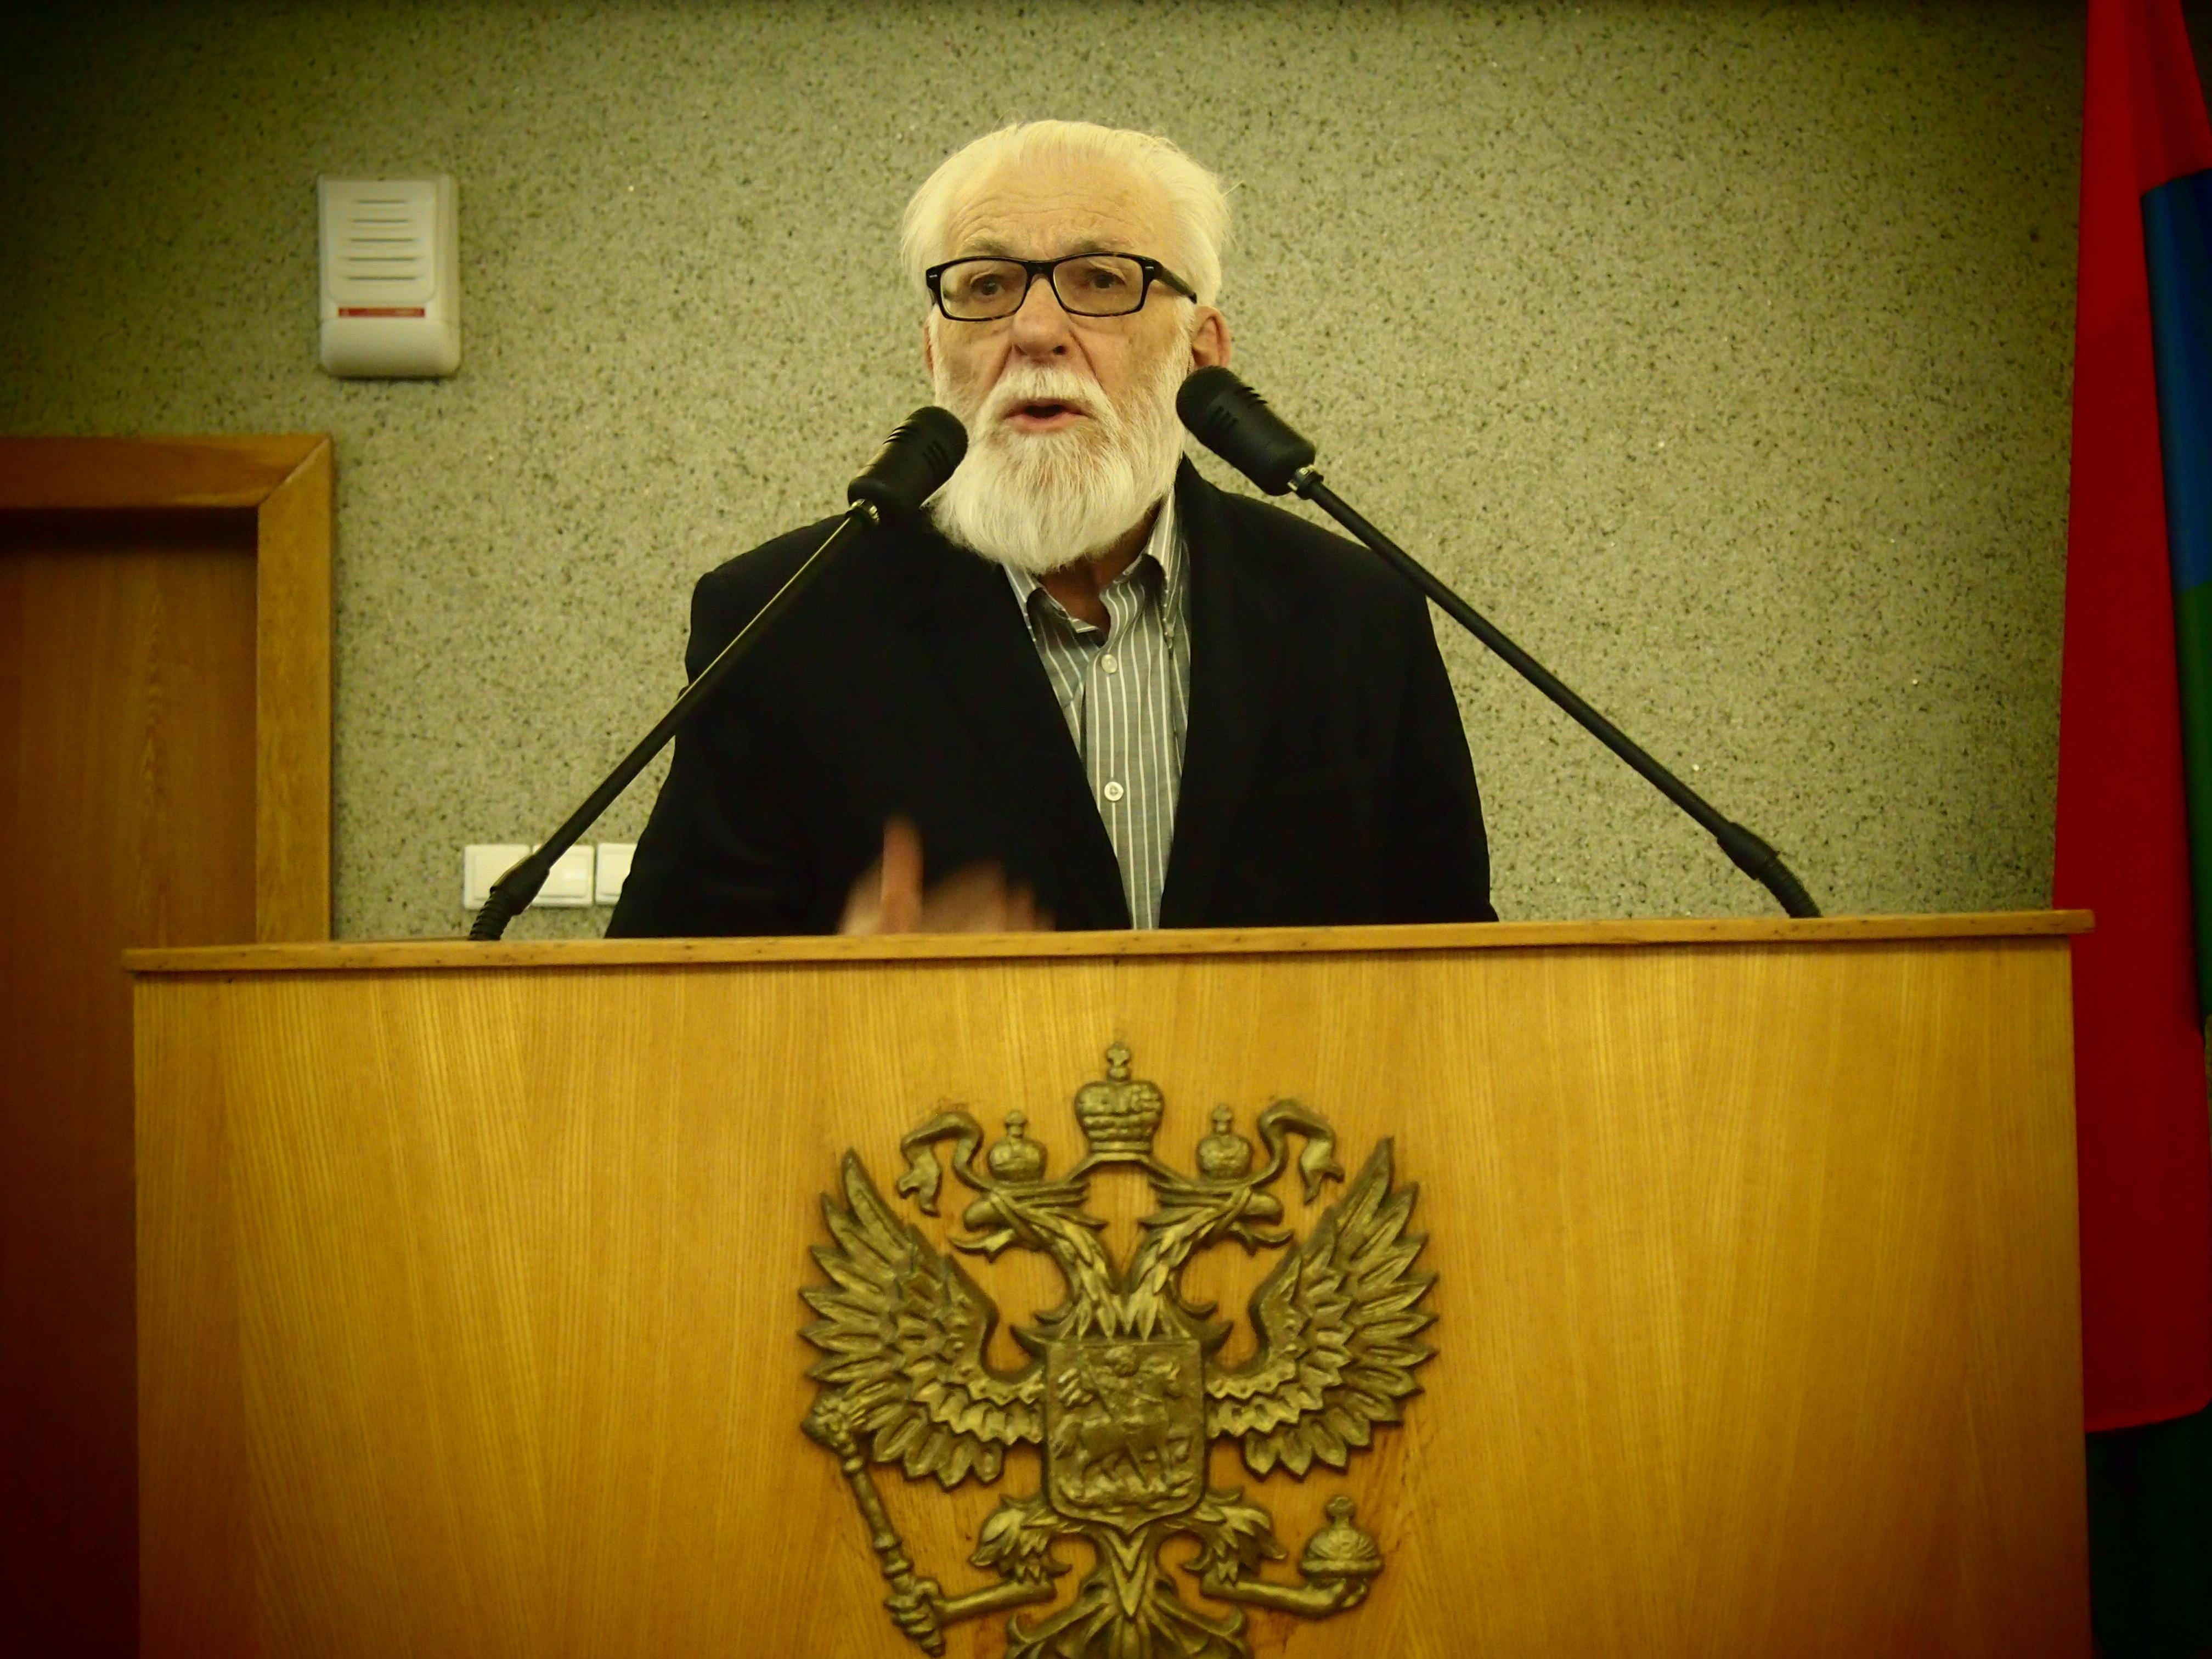 Почетный гражданин Петрозаводска, академик Вячеслав Орфинский. Фото: Валерий Поташов